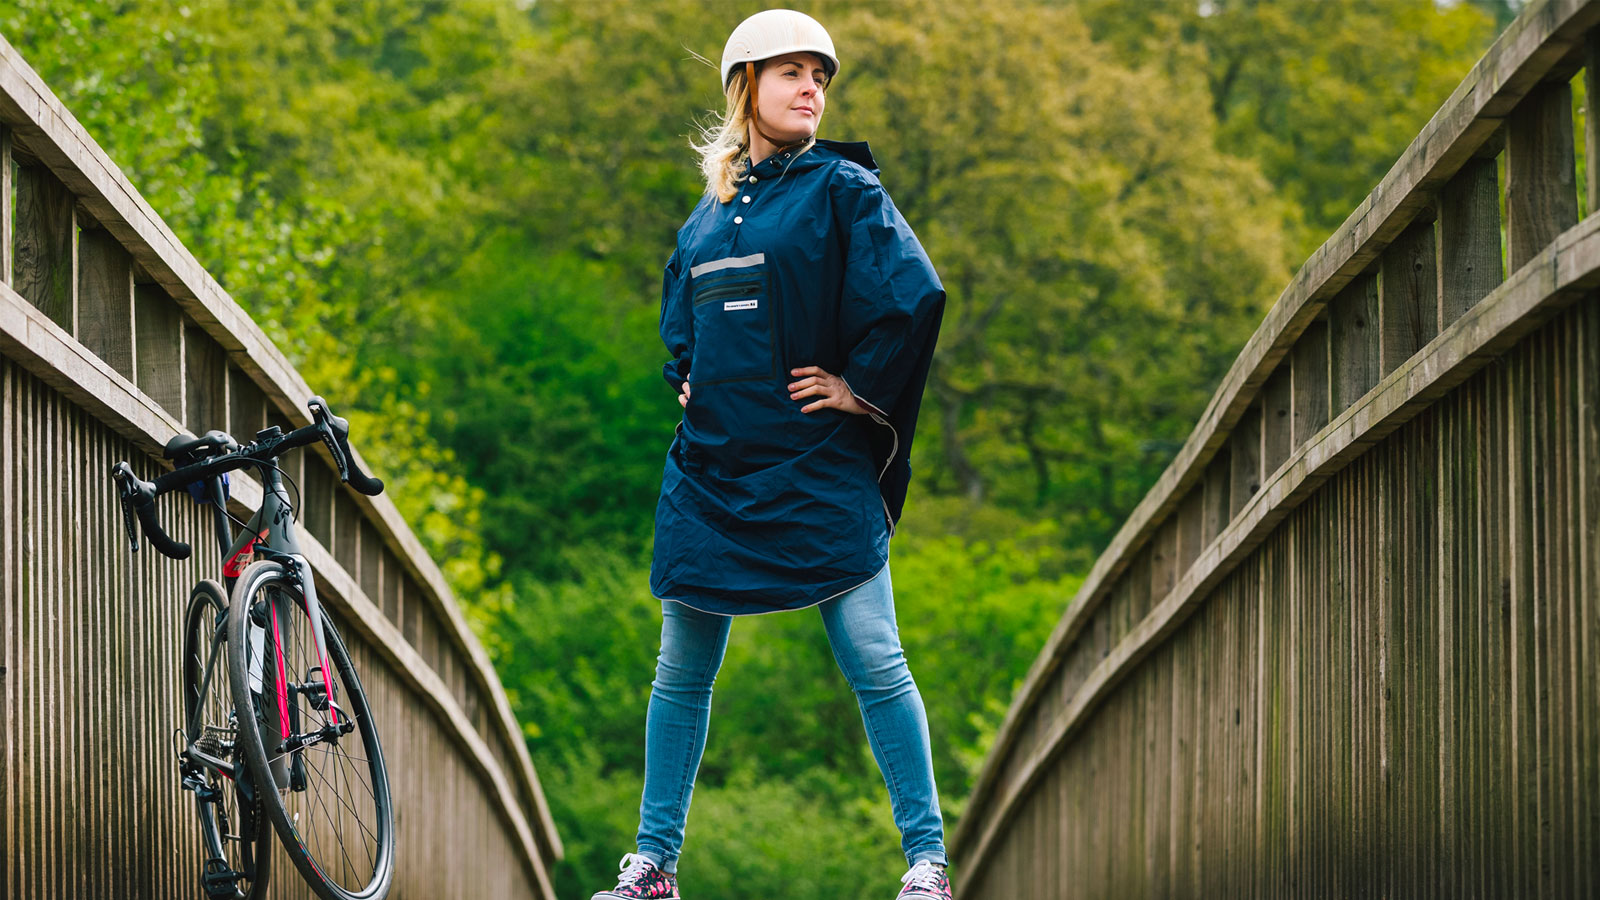 Mujer con bicicleta e impermeable